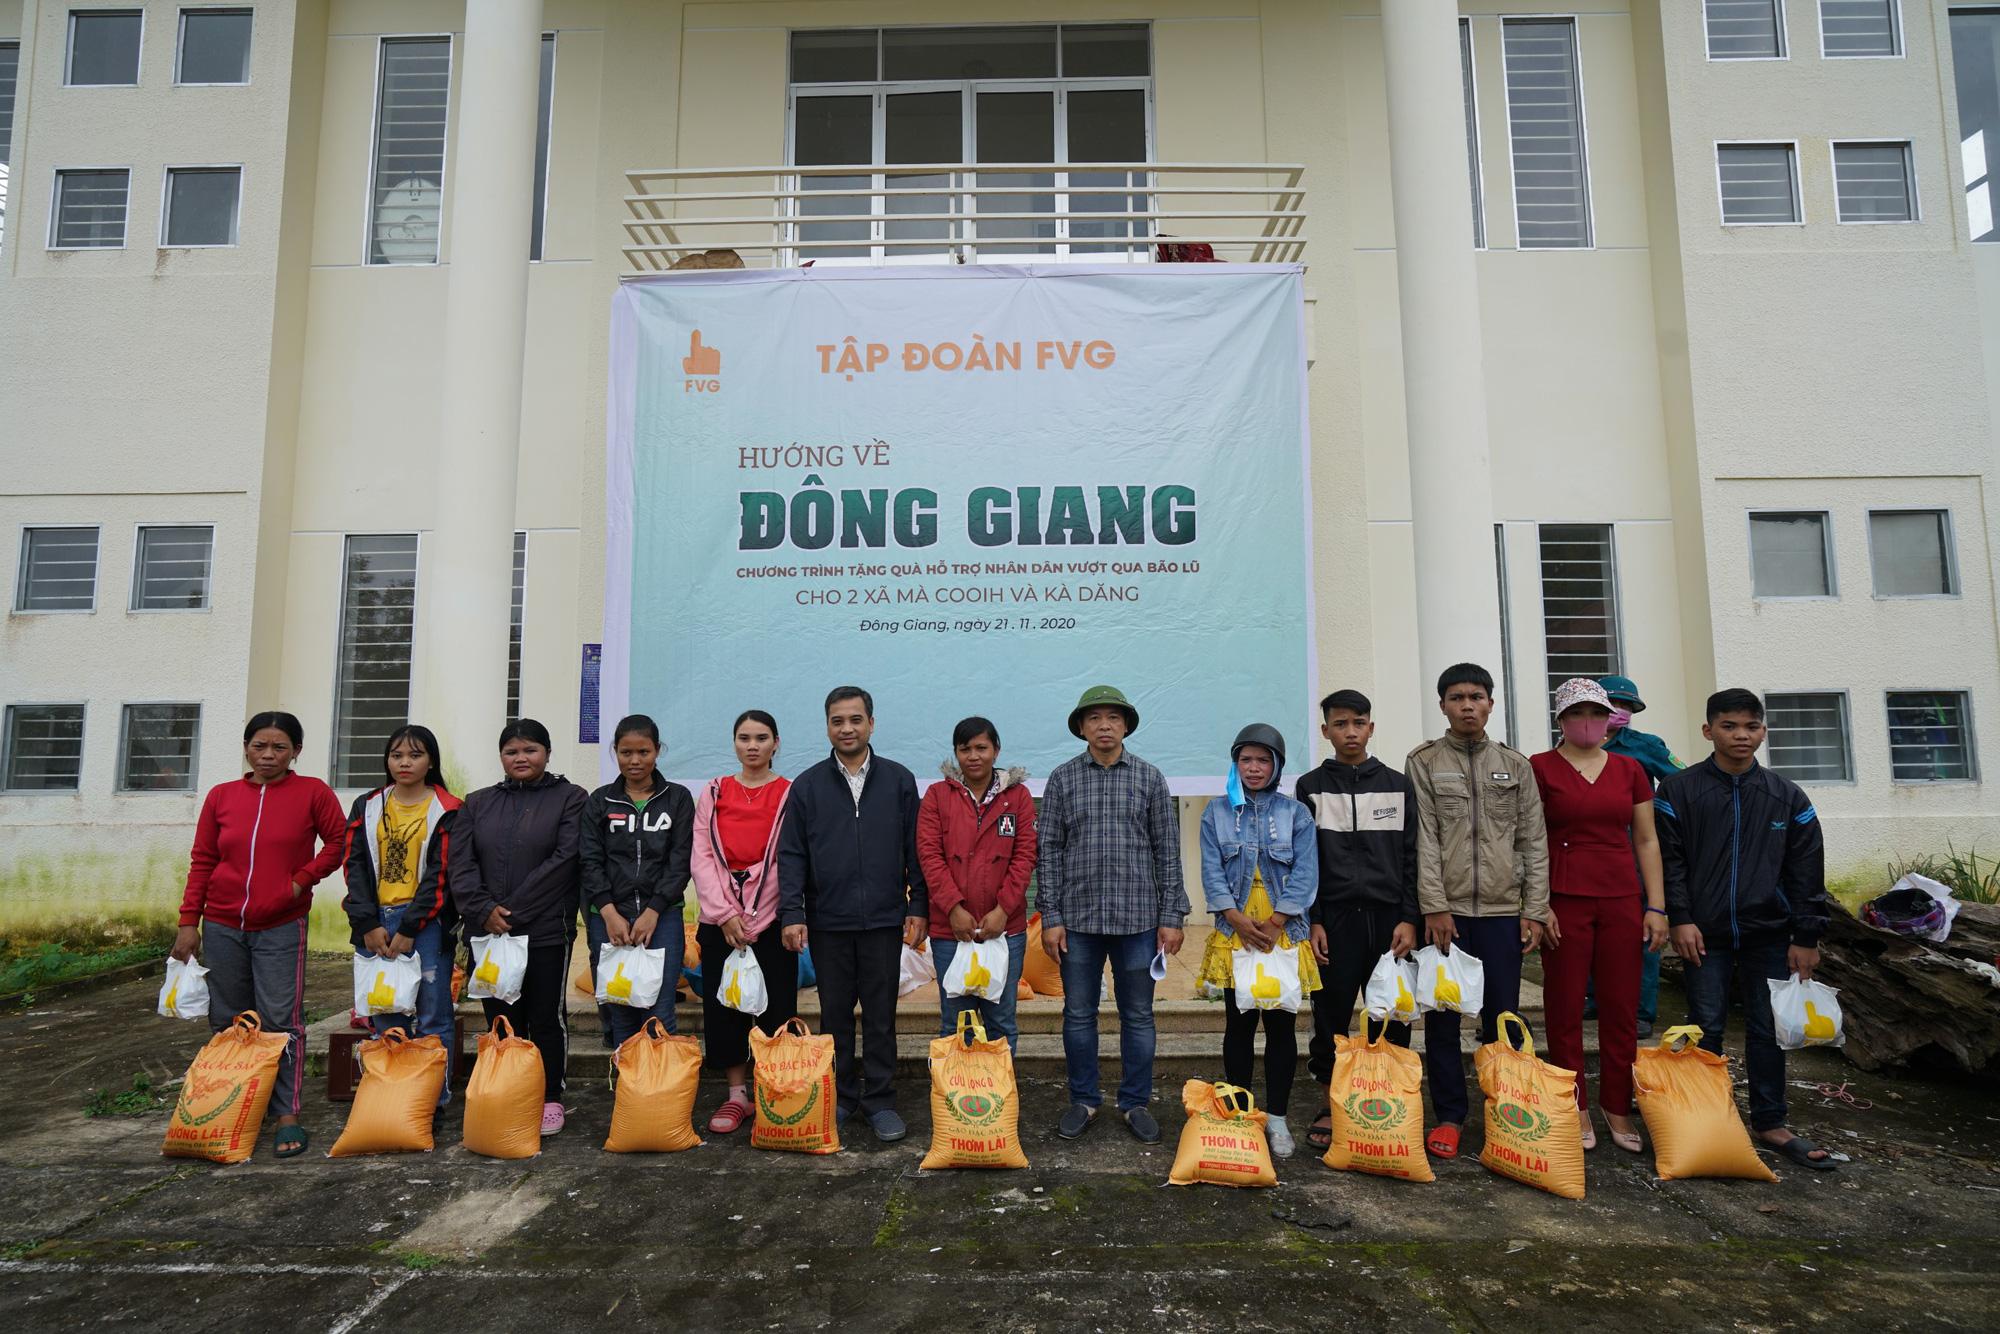 Quảng Nam: Tập đoàn FVG tặng 1100 suất quà hỗ trợ đồng bào miền núi bị ảnh hưởng do bão lũ  - Ảnh 2.